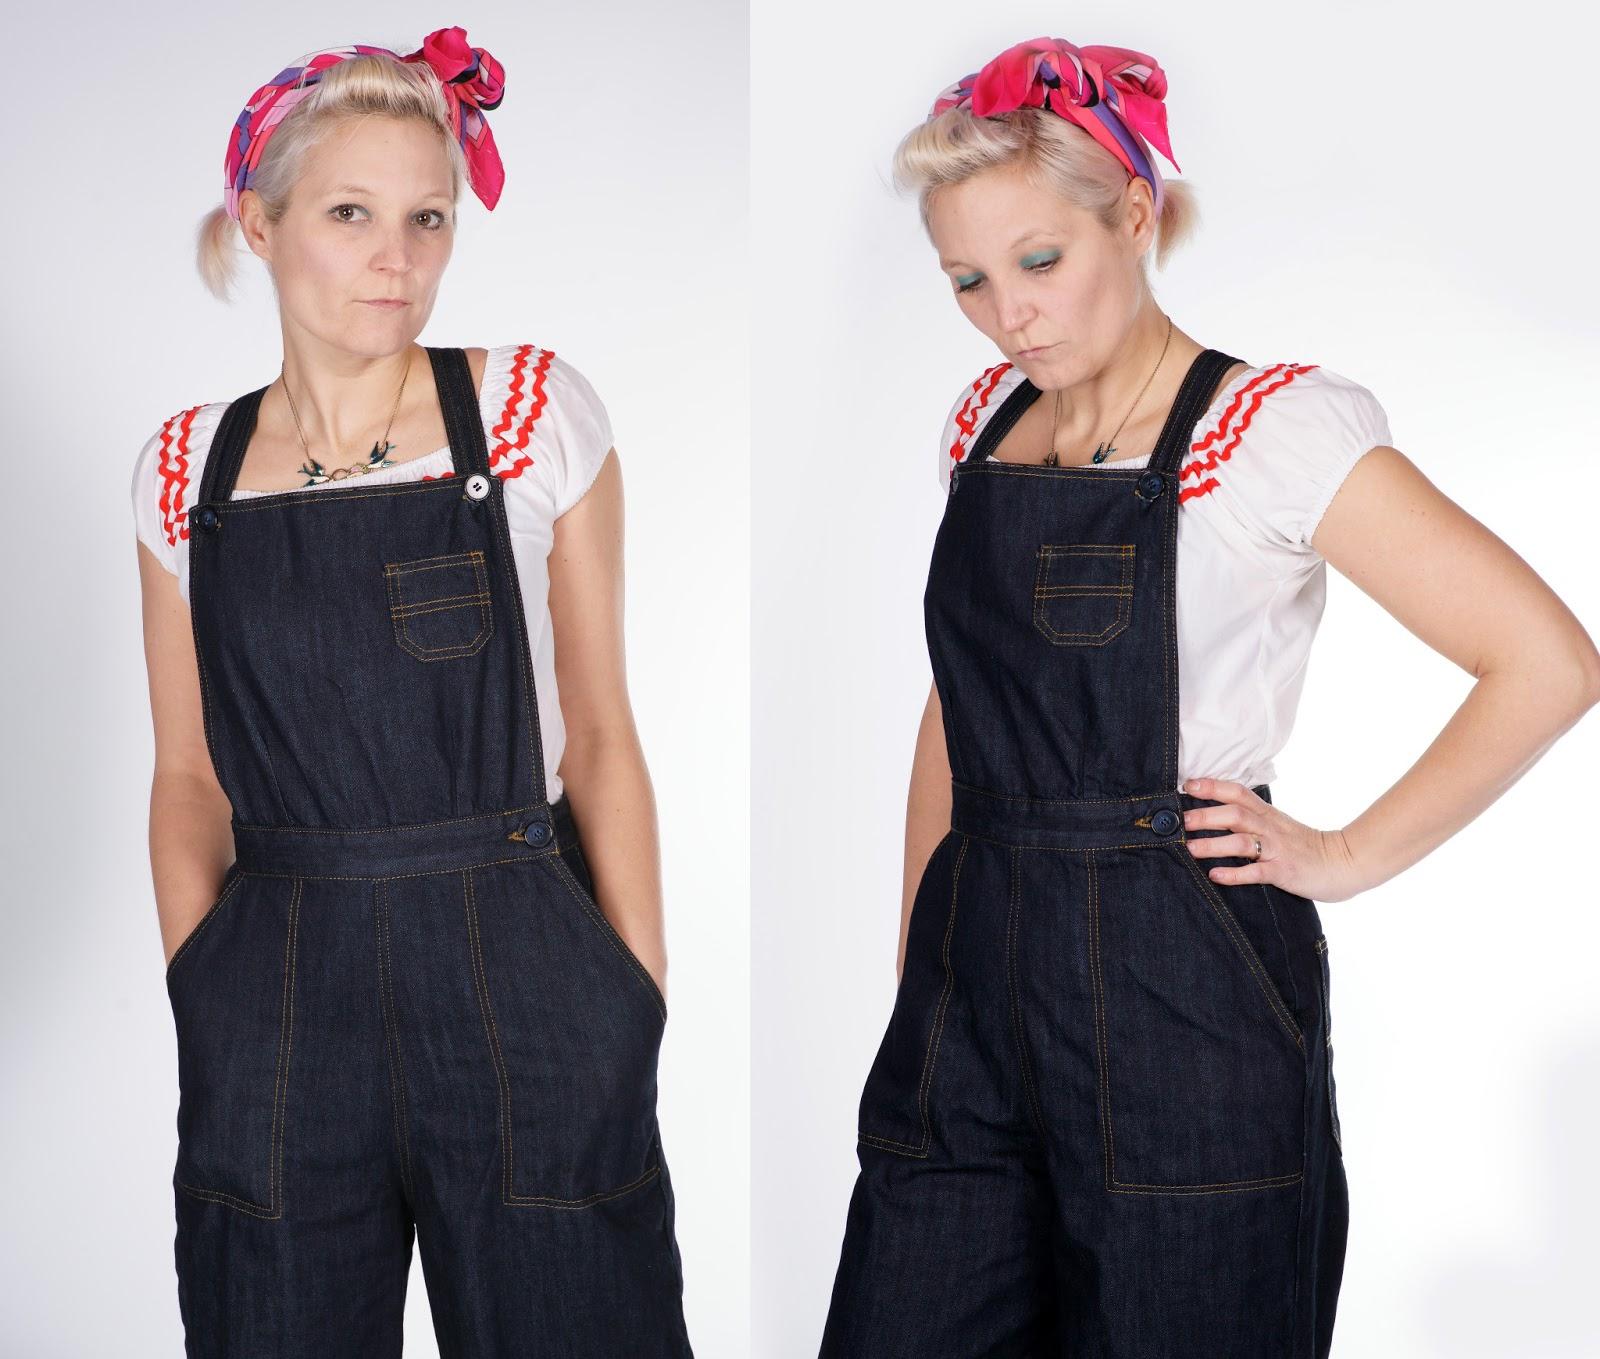 Young Girls Fashion 1950s